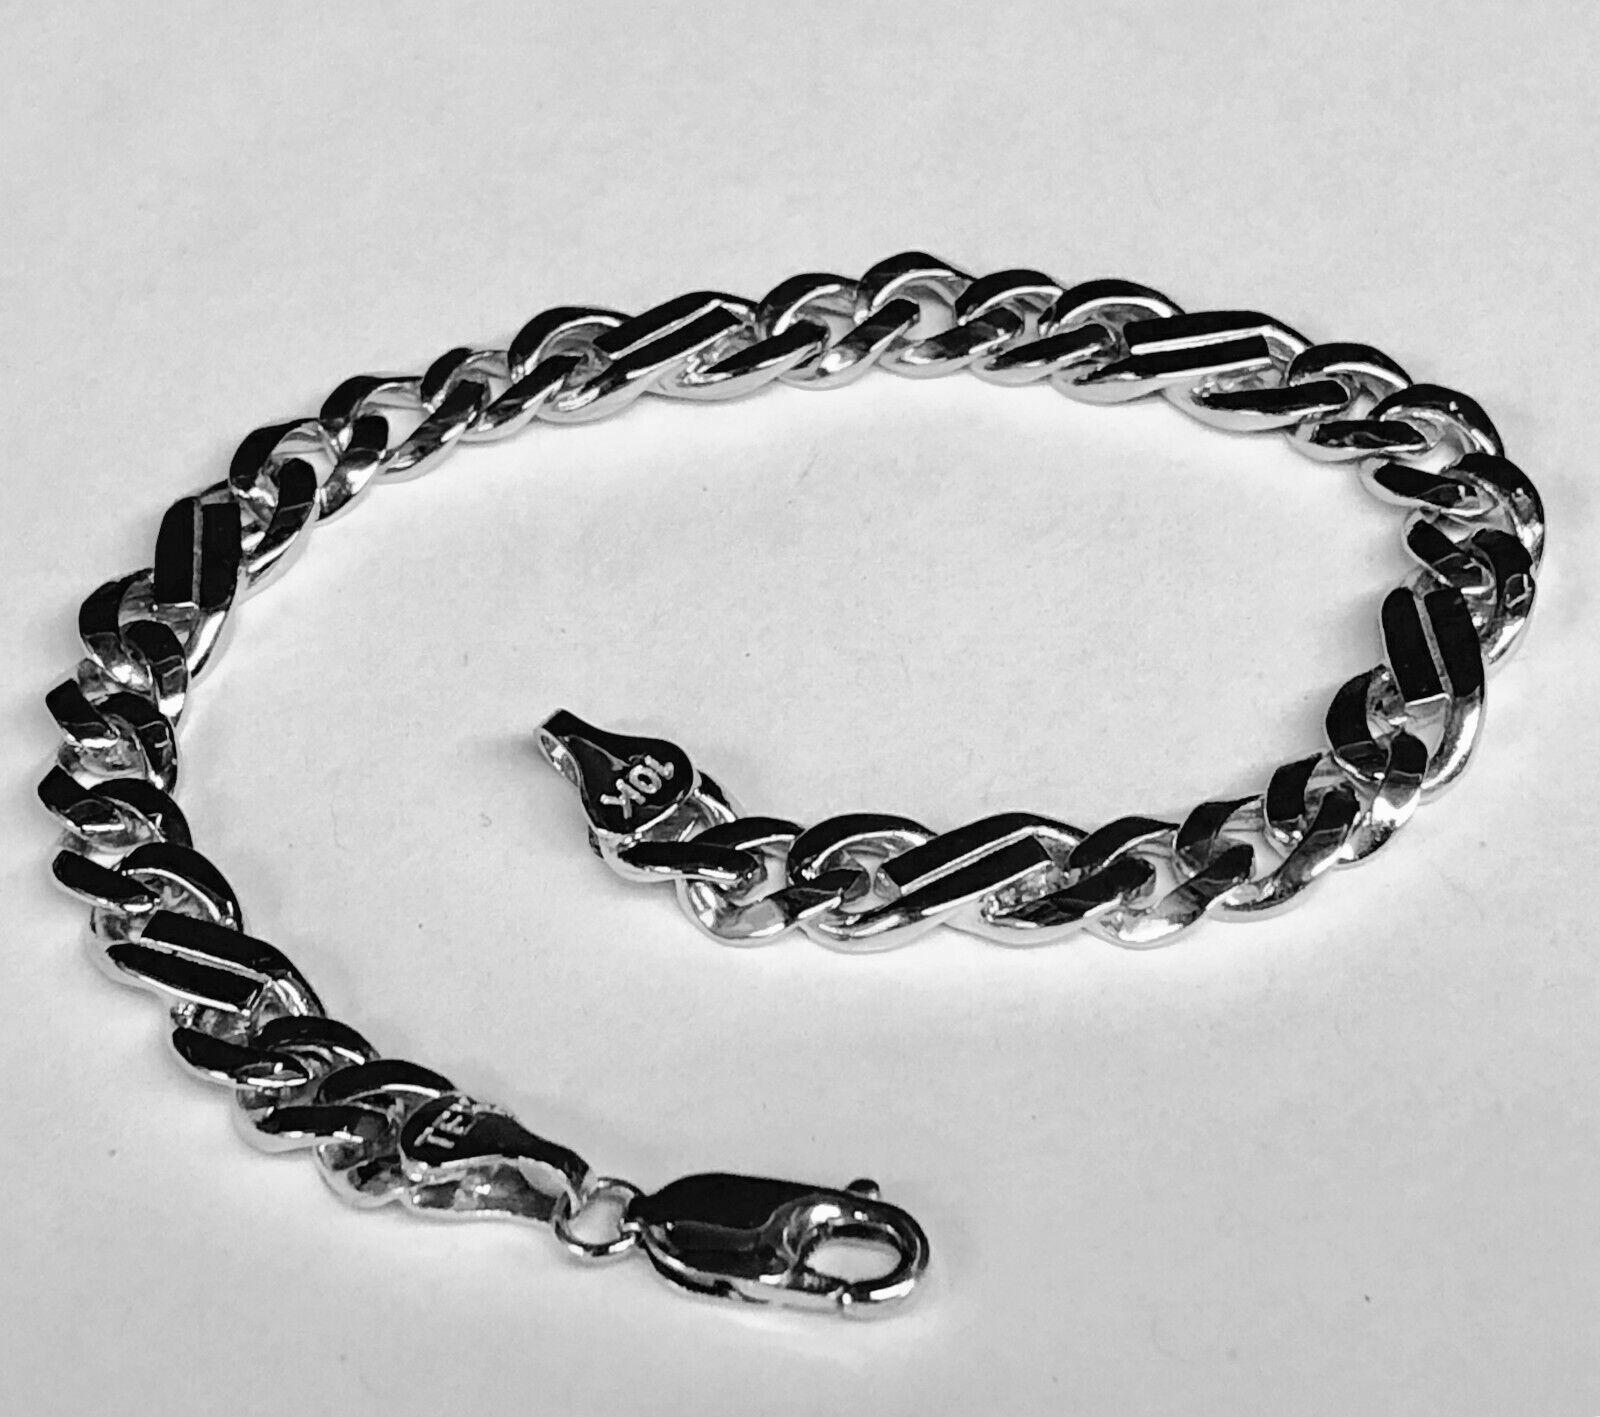 10kt Solid White gold Handmade Curb Link Mens Bracelet 9  23 Grams 7MM